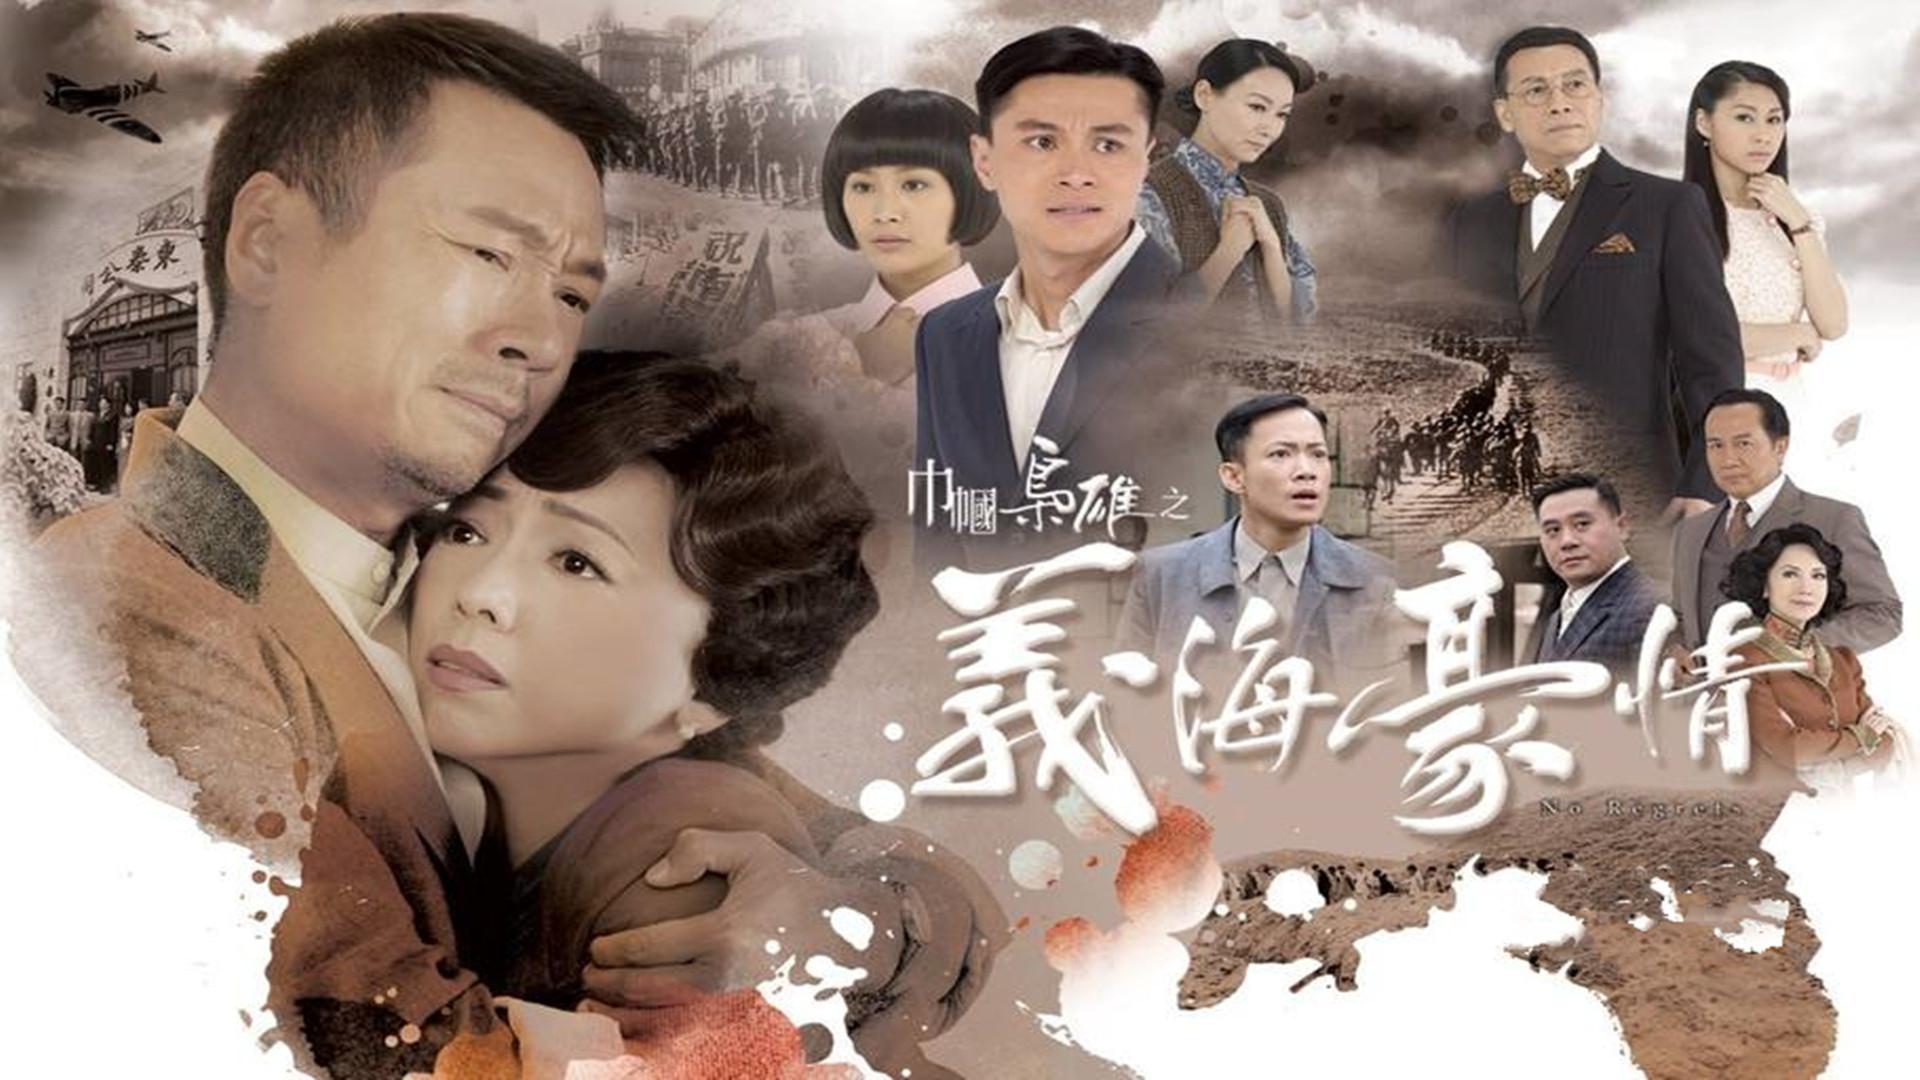 2019tvb收视排行_TVB收视 2019港姐收视创新低 这部剧锁定今年最低收视剧